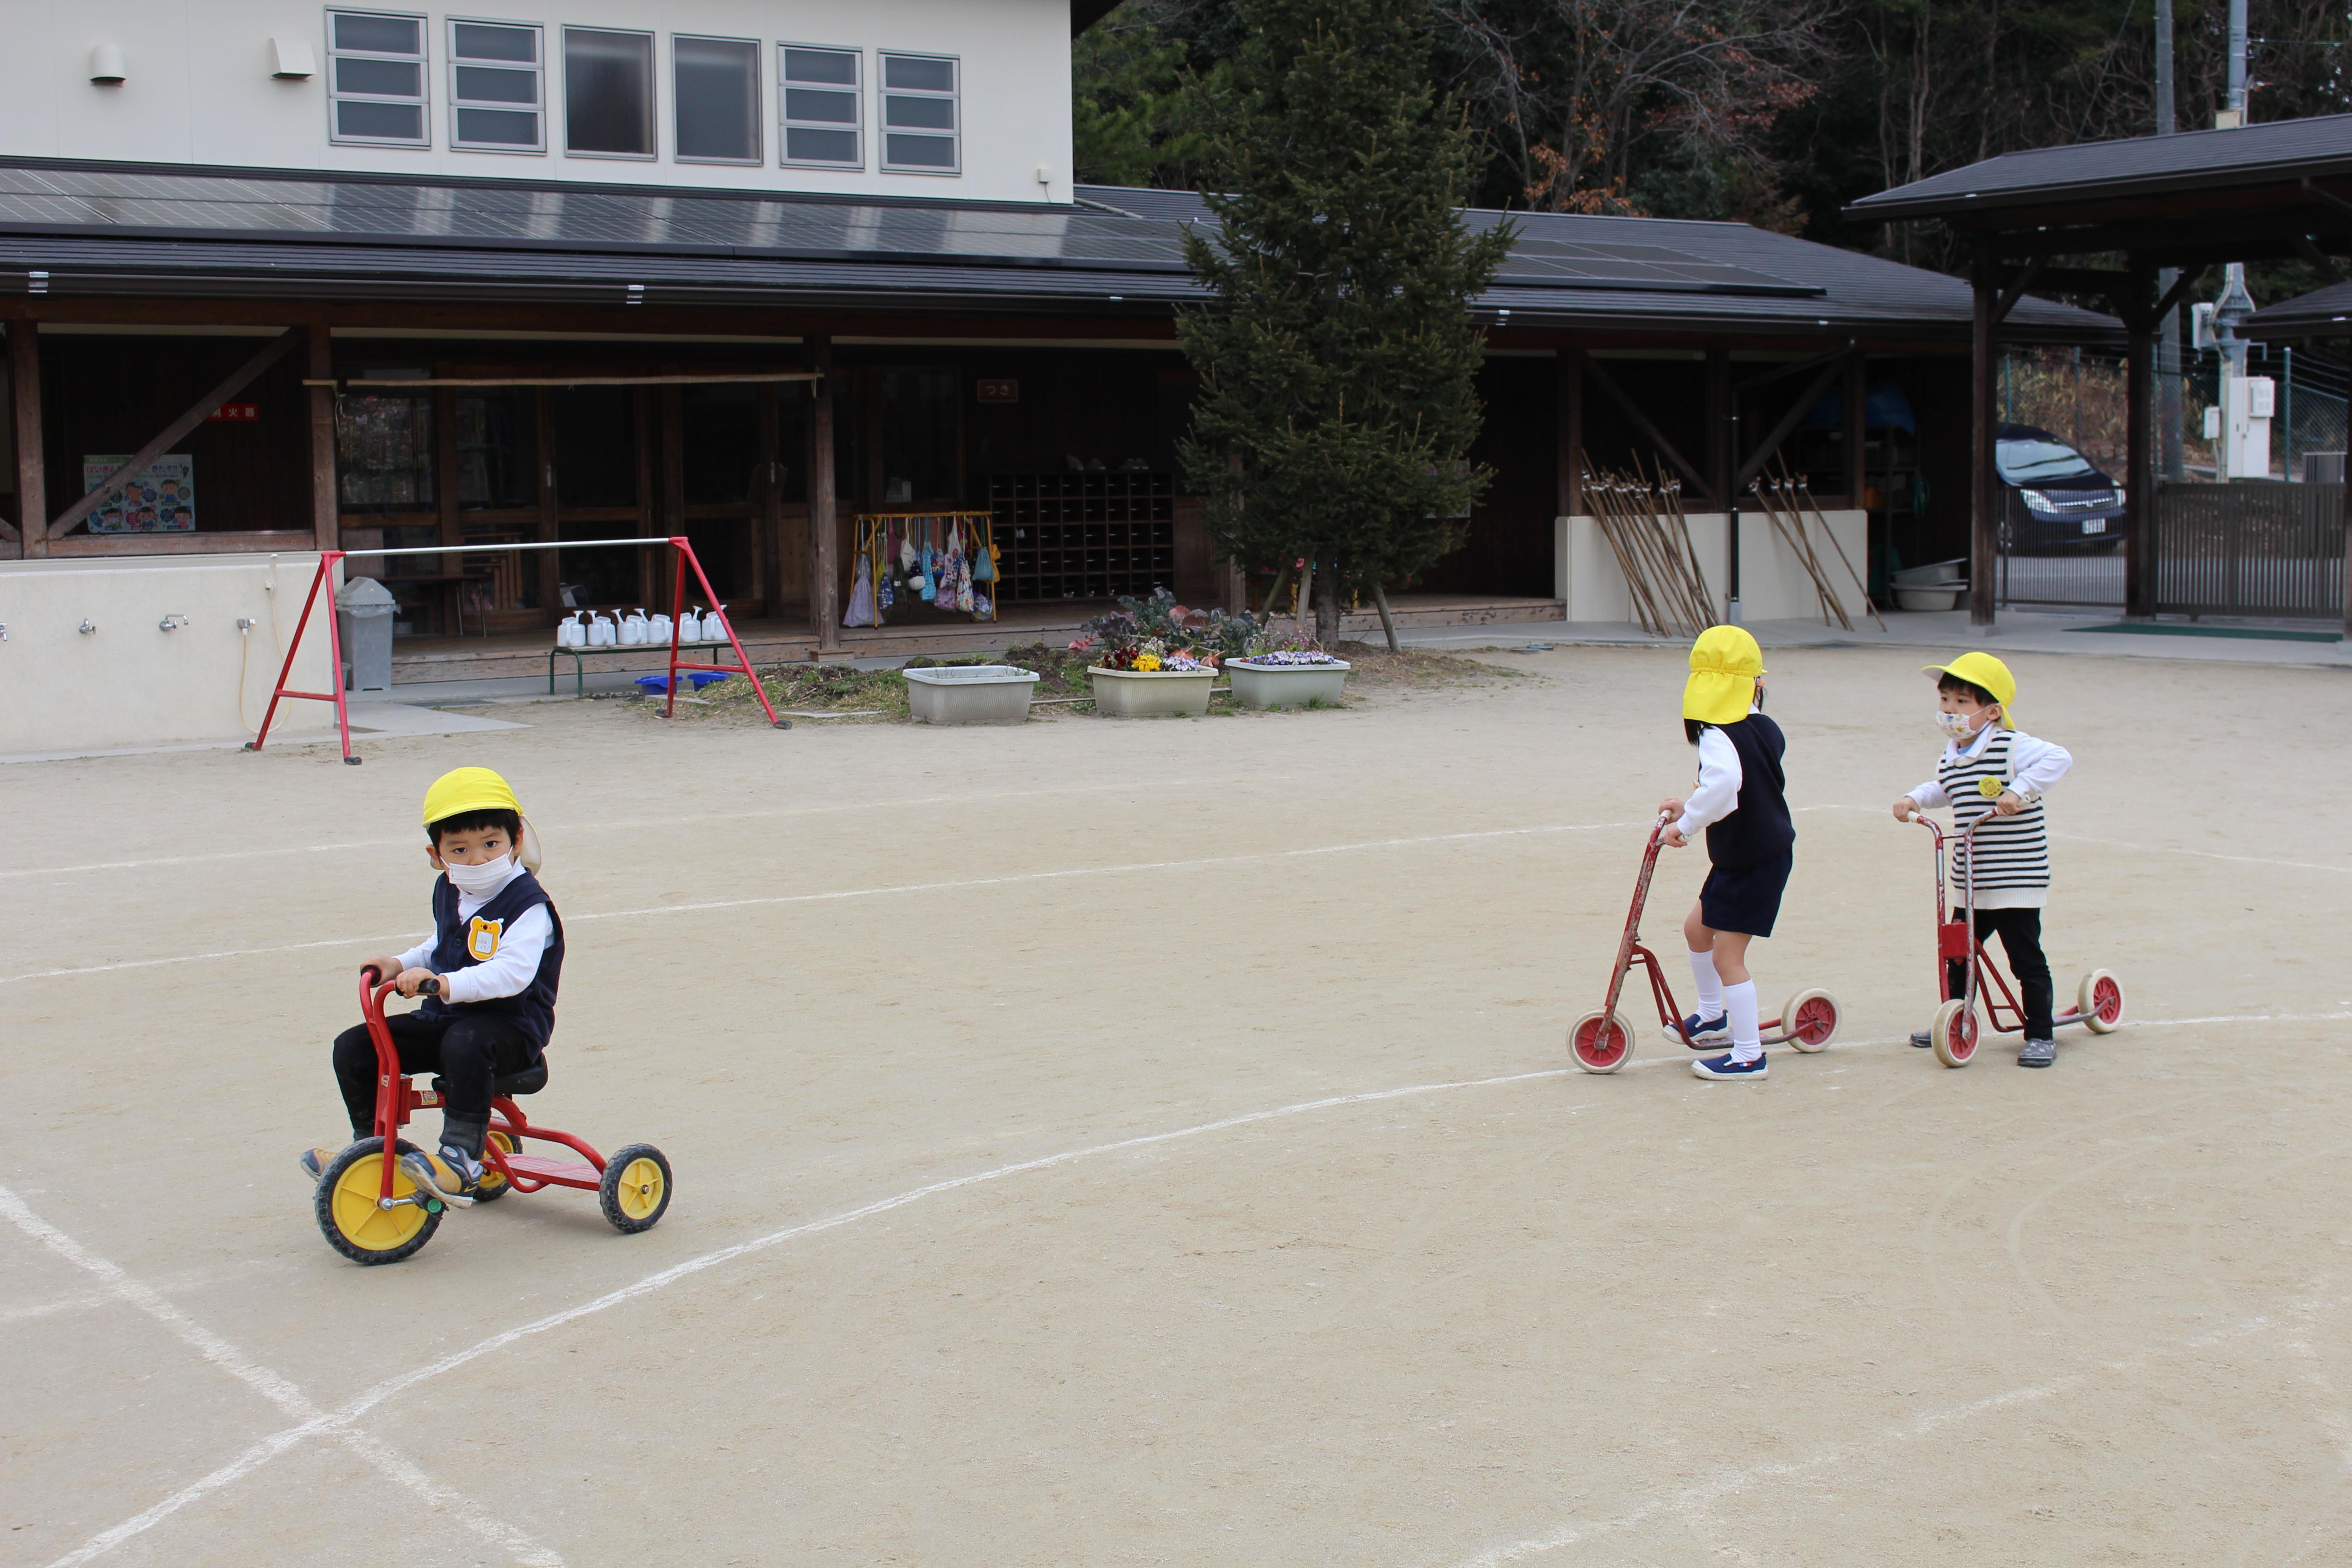 ◇年少◇三輪車、スクーターで遊んだよ!:画像6